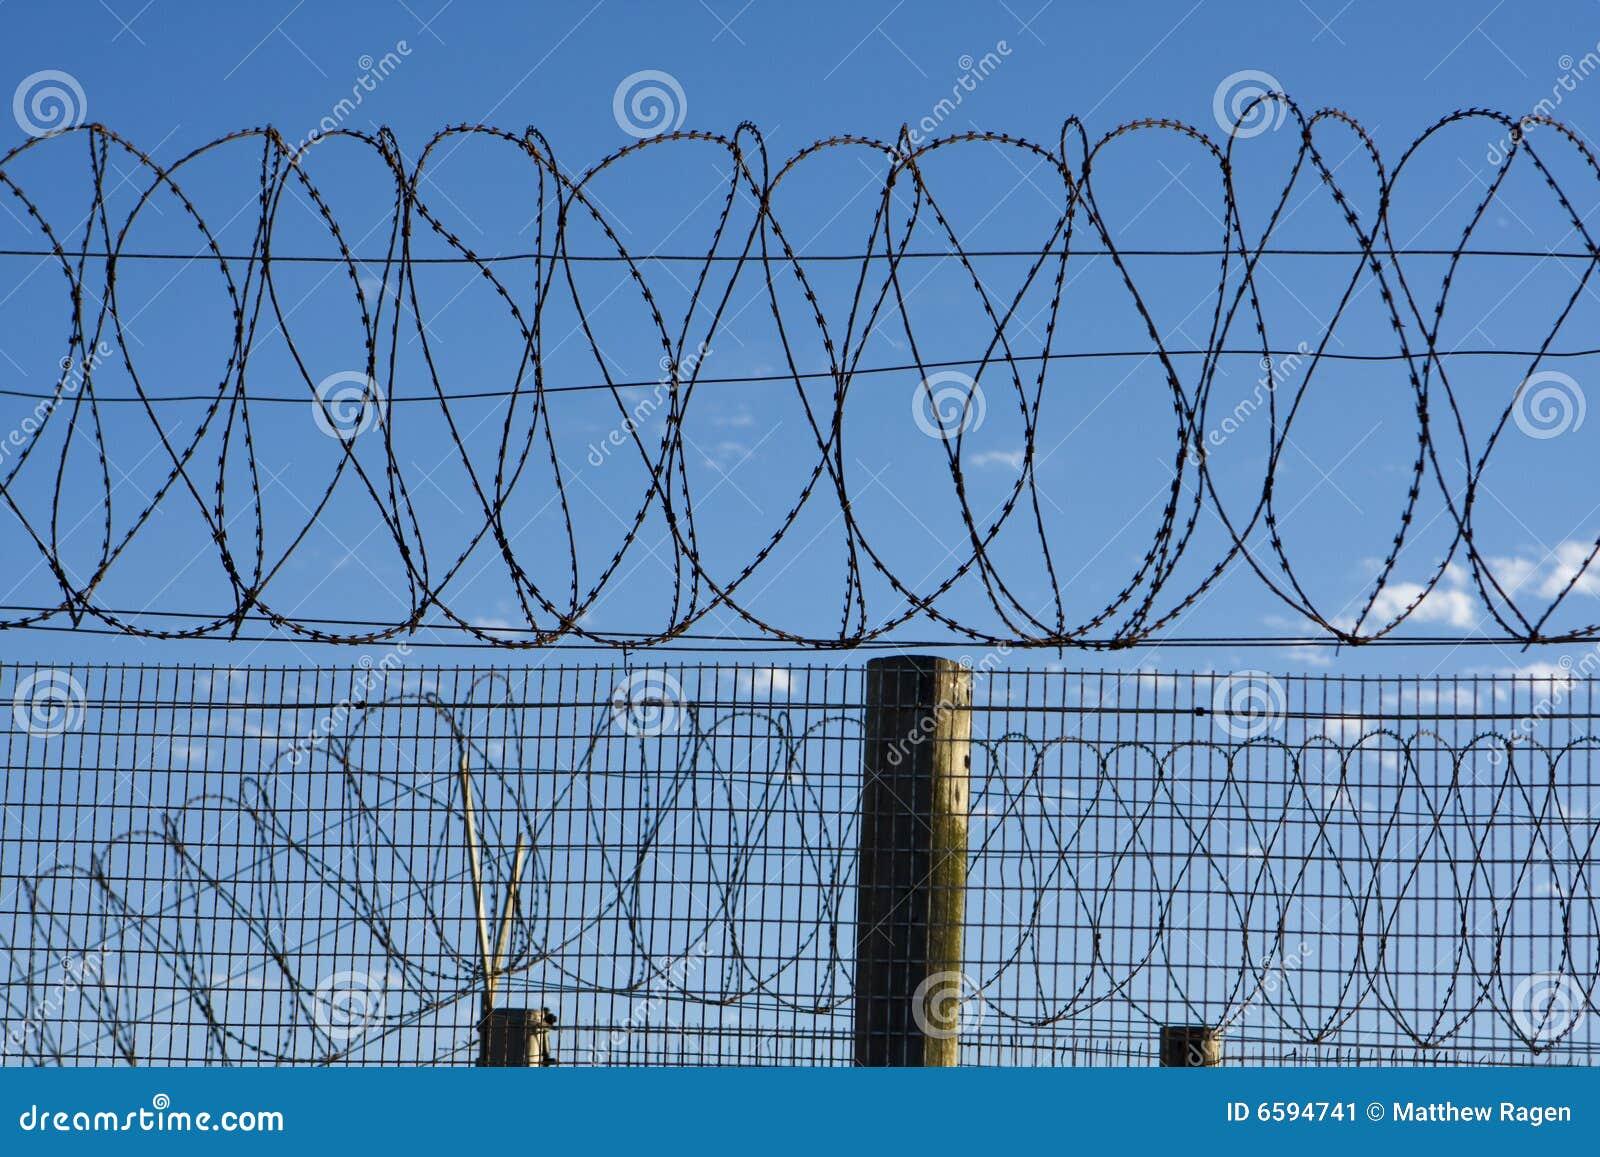 Gefängnis-Stacheldraht stockbild. Bild von scharf, umkreis - 6594741